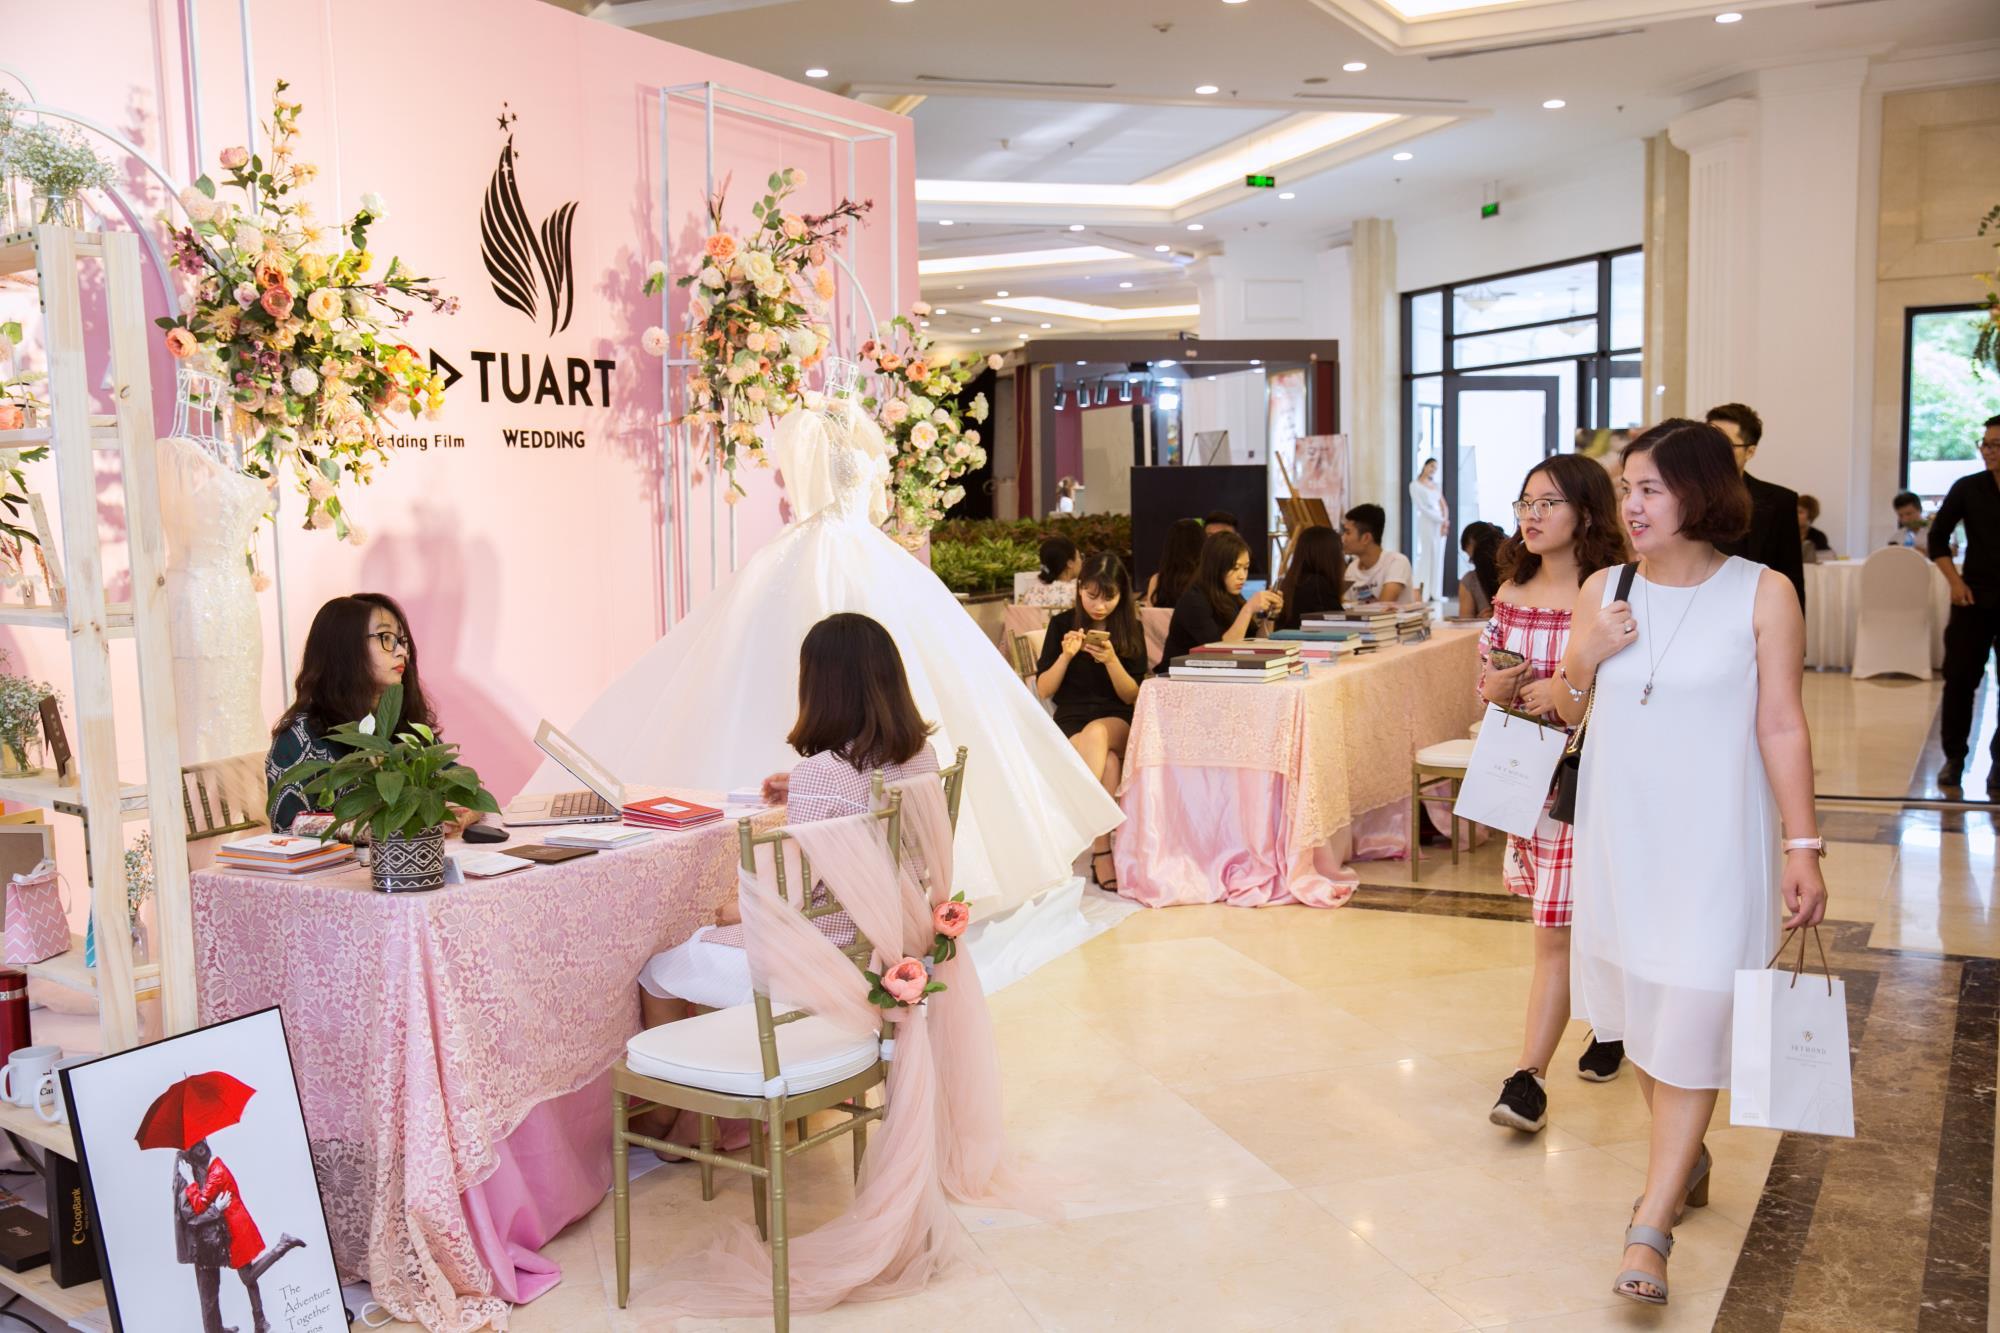 Triển lãm cưới Almaz Mini Wedding Fair - Rực rỡ màu sắc cá nhân trong ngày trọng đại - Ảnh 2